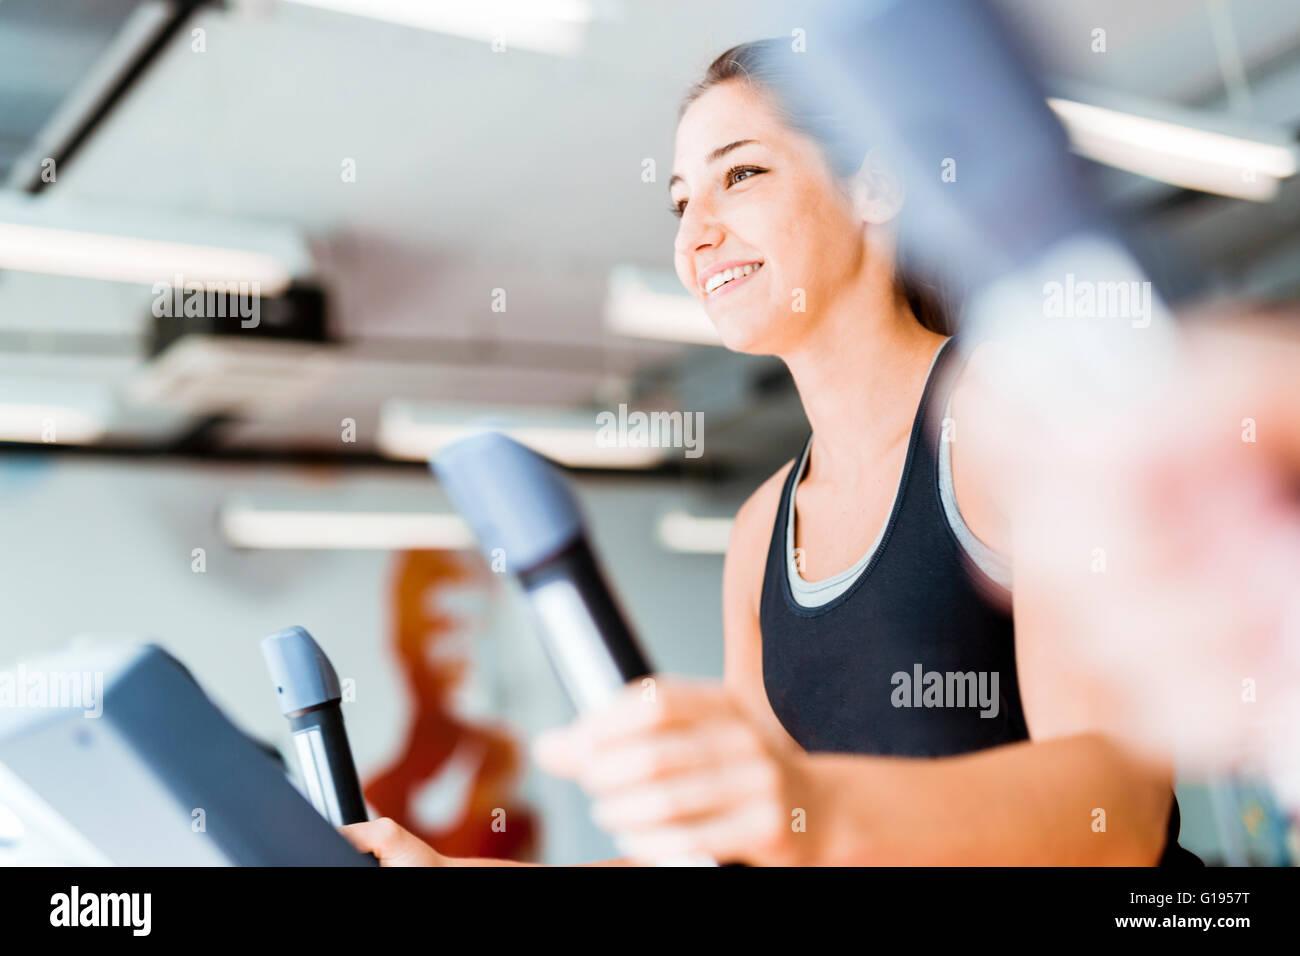 Giovane e bella signora utilizzando il trainer ellittico in una palestra in uno stato d'animo positivo Immagini Stock